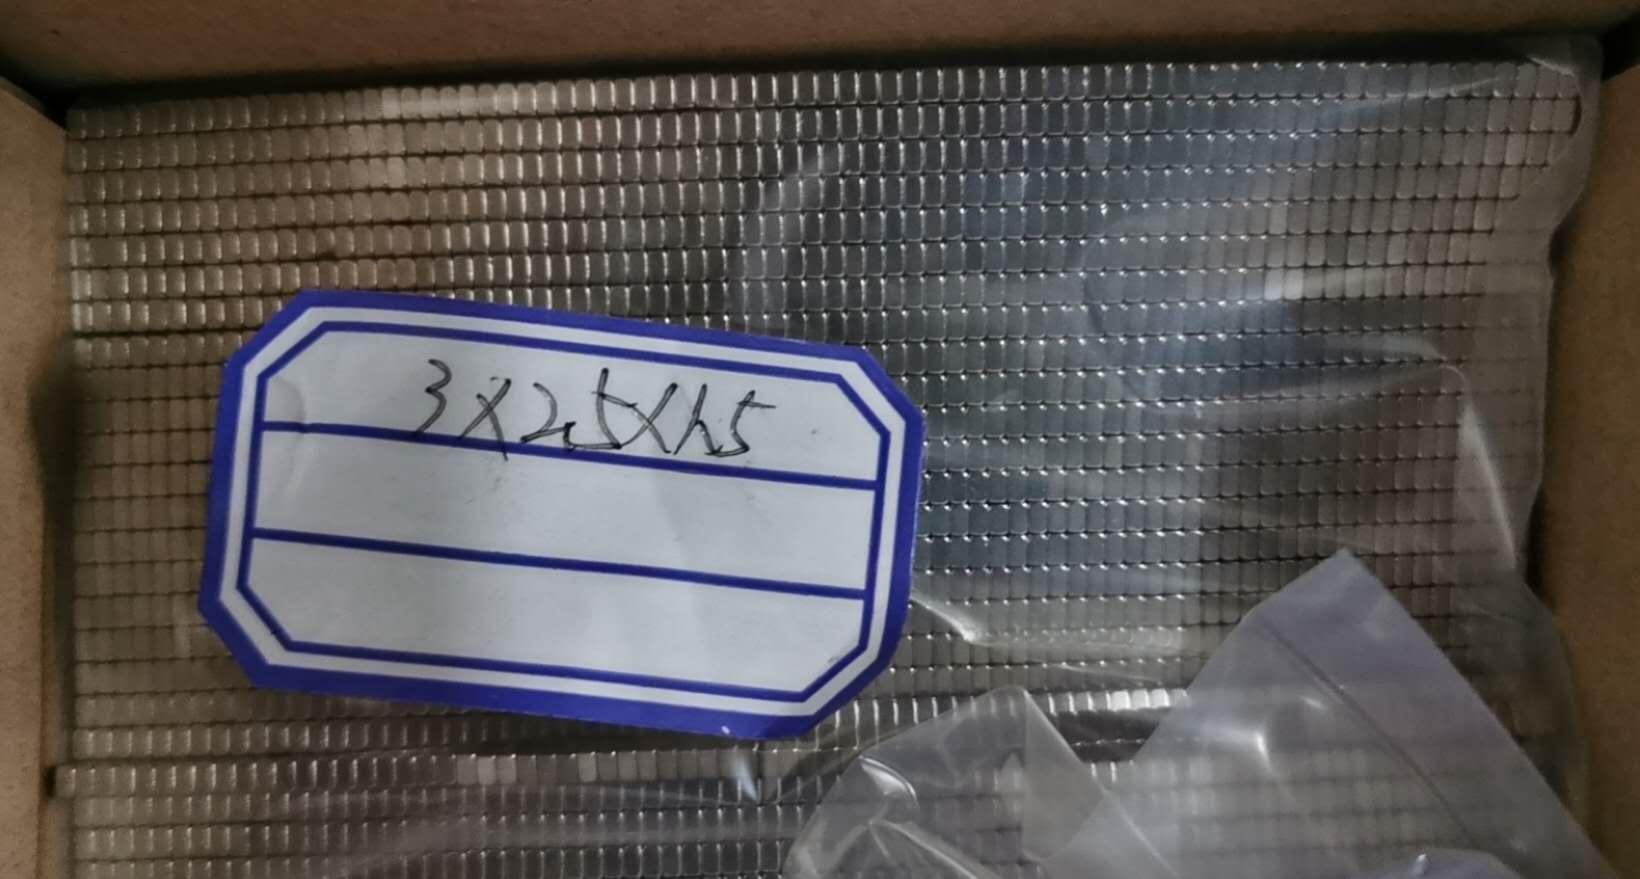 海南蓝牙耳机磁铁厂-怎样才能买到口碑好的蓝牙耳机充电盒磁铁